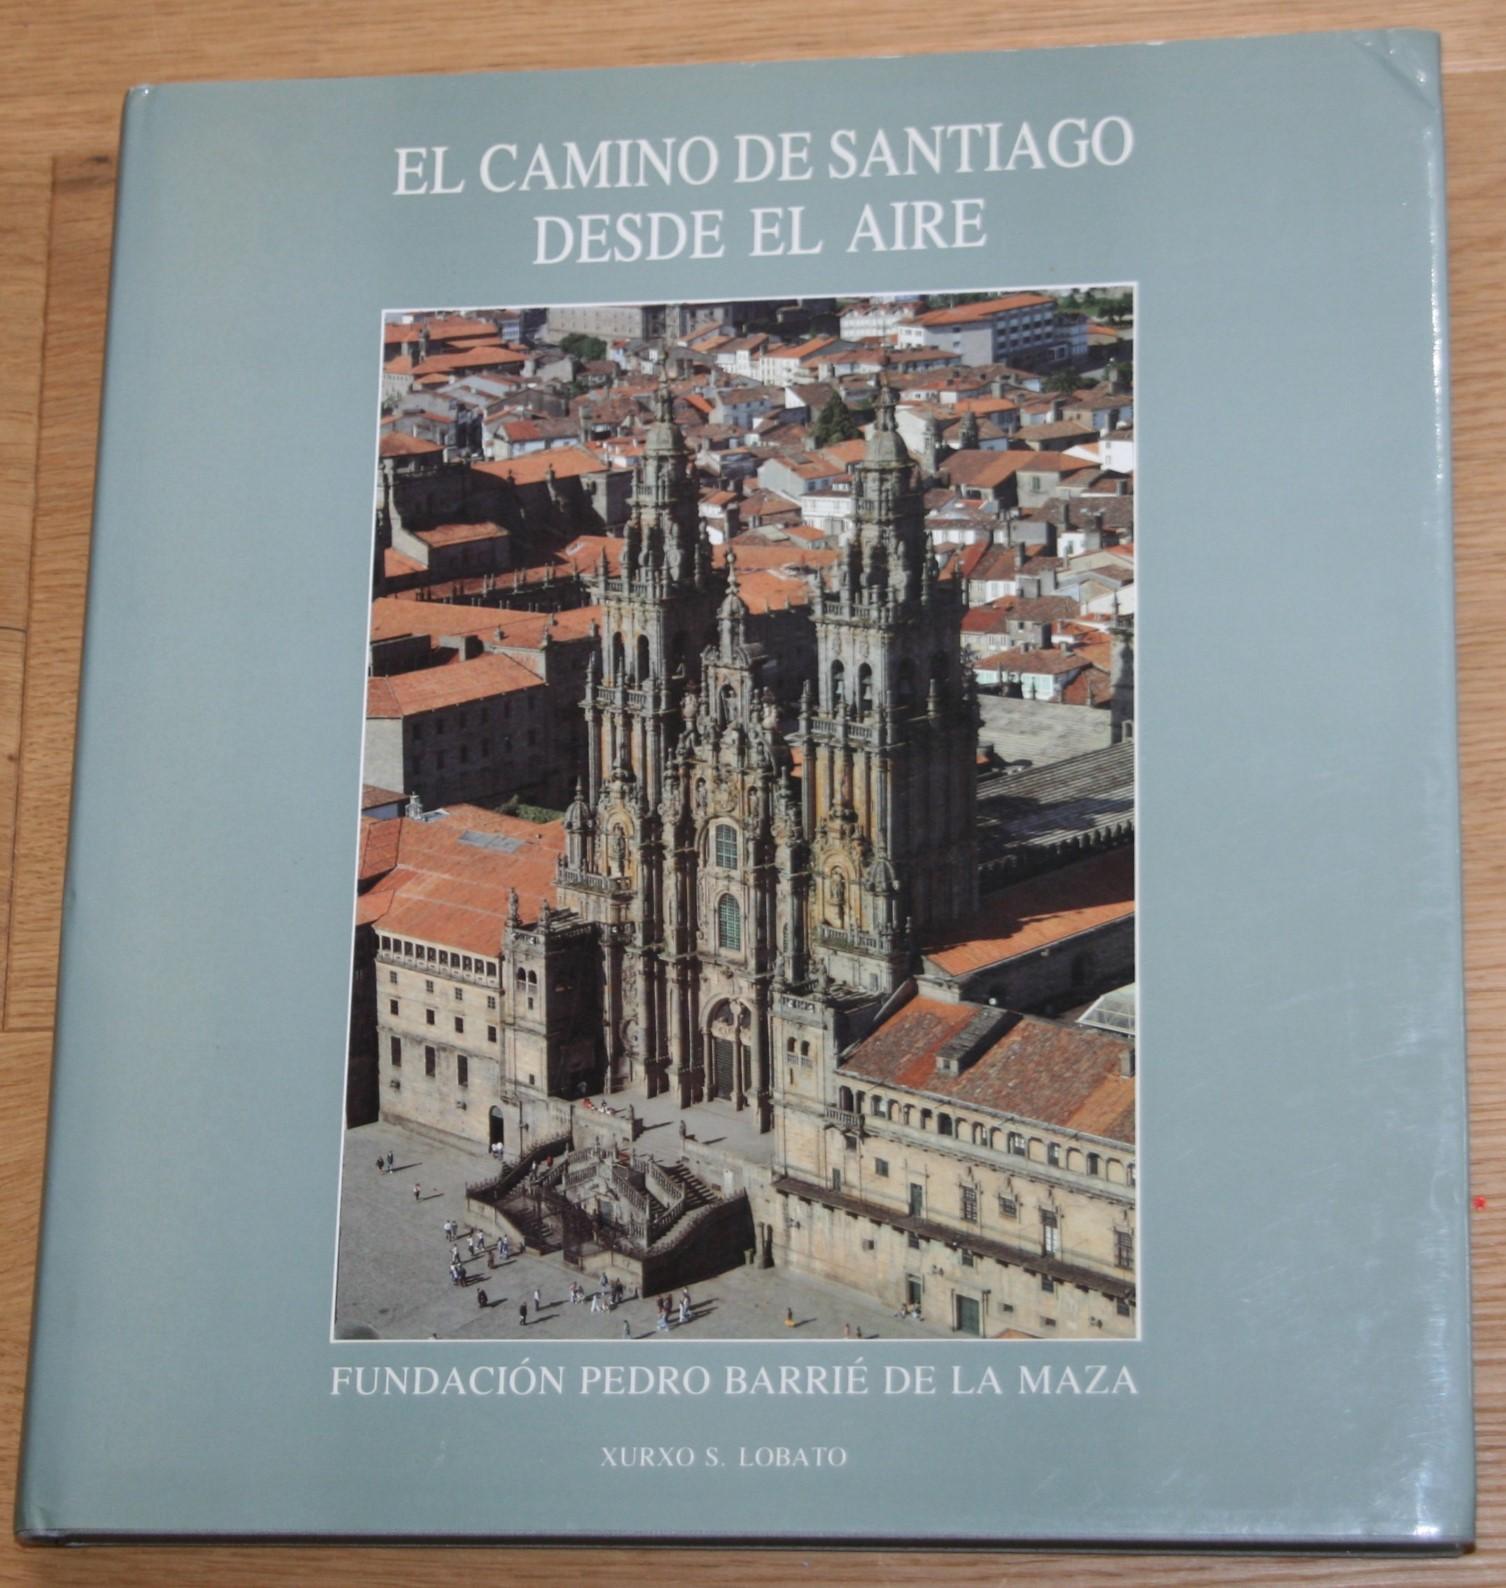 El Camino de Santiago desde el aire.